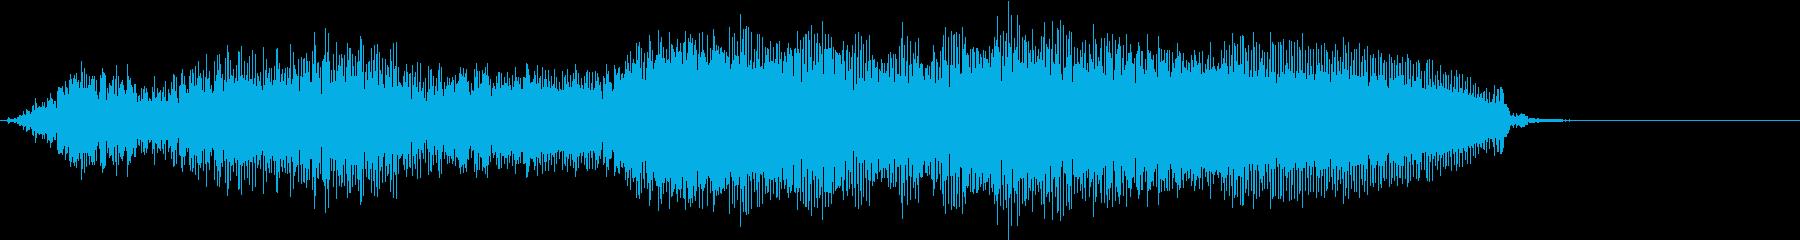 【物音】 ひきずる音_15 ギギギッッの再生済みの波形